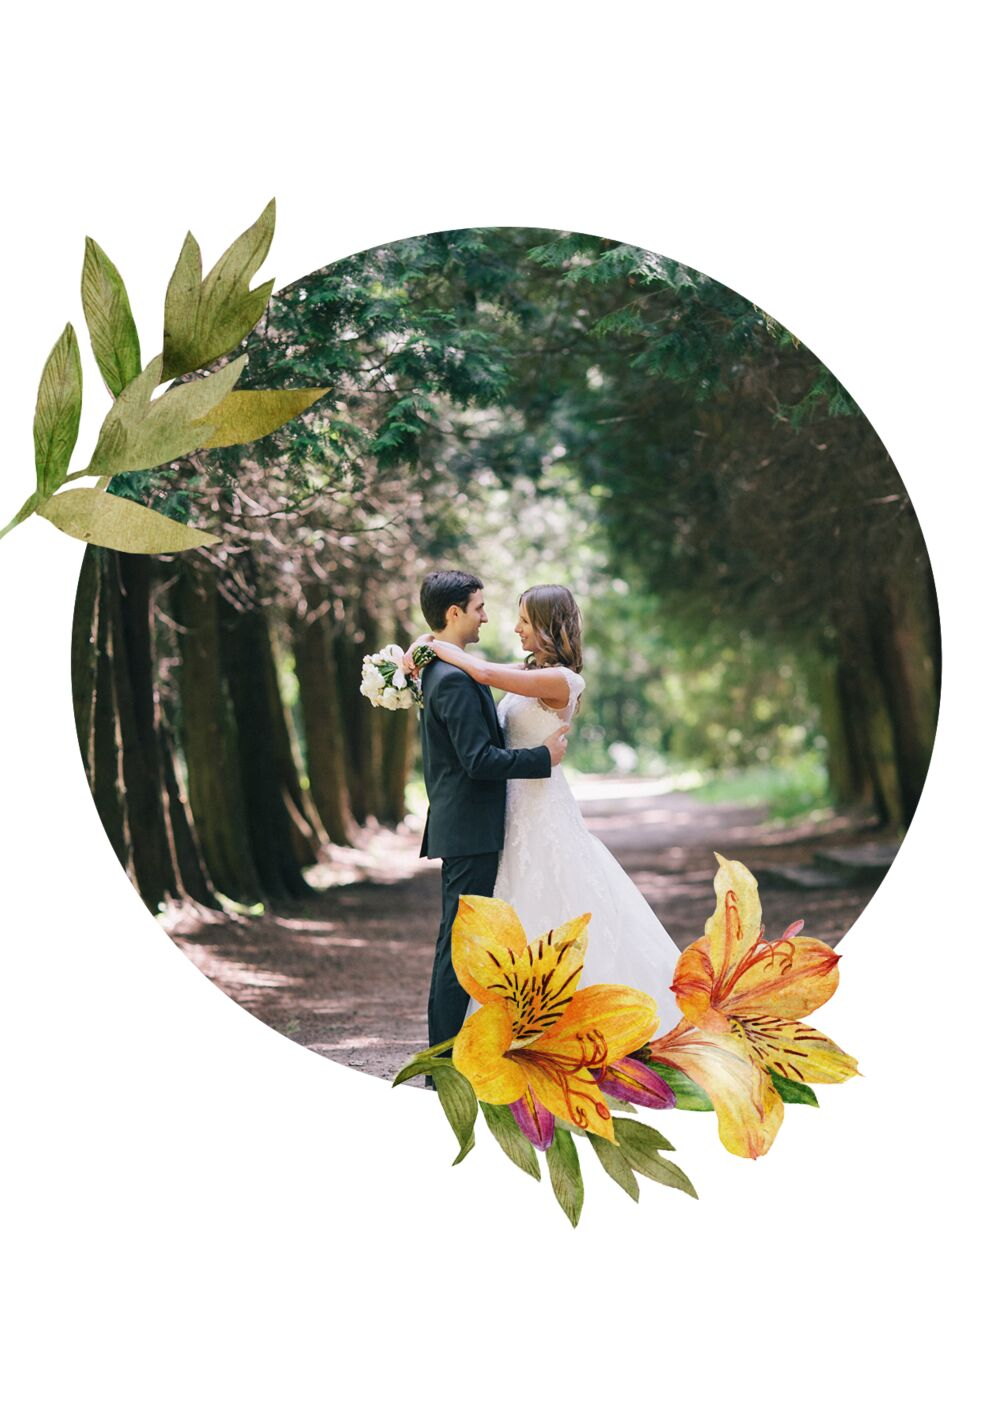 Ansicht 4 - Hochzeit Dankeskarte Blumendeko